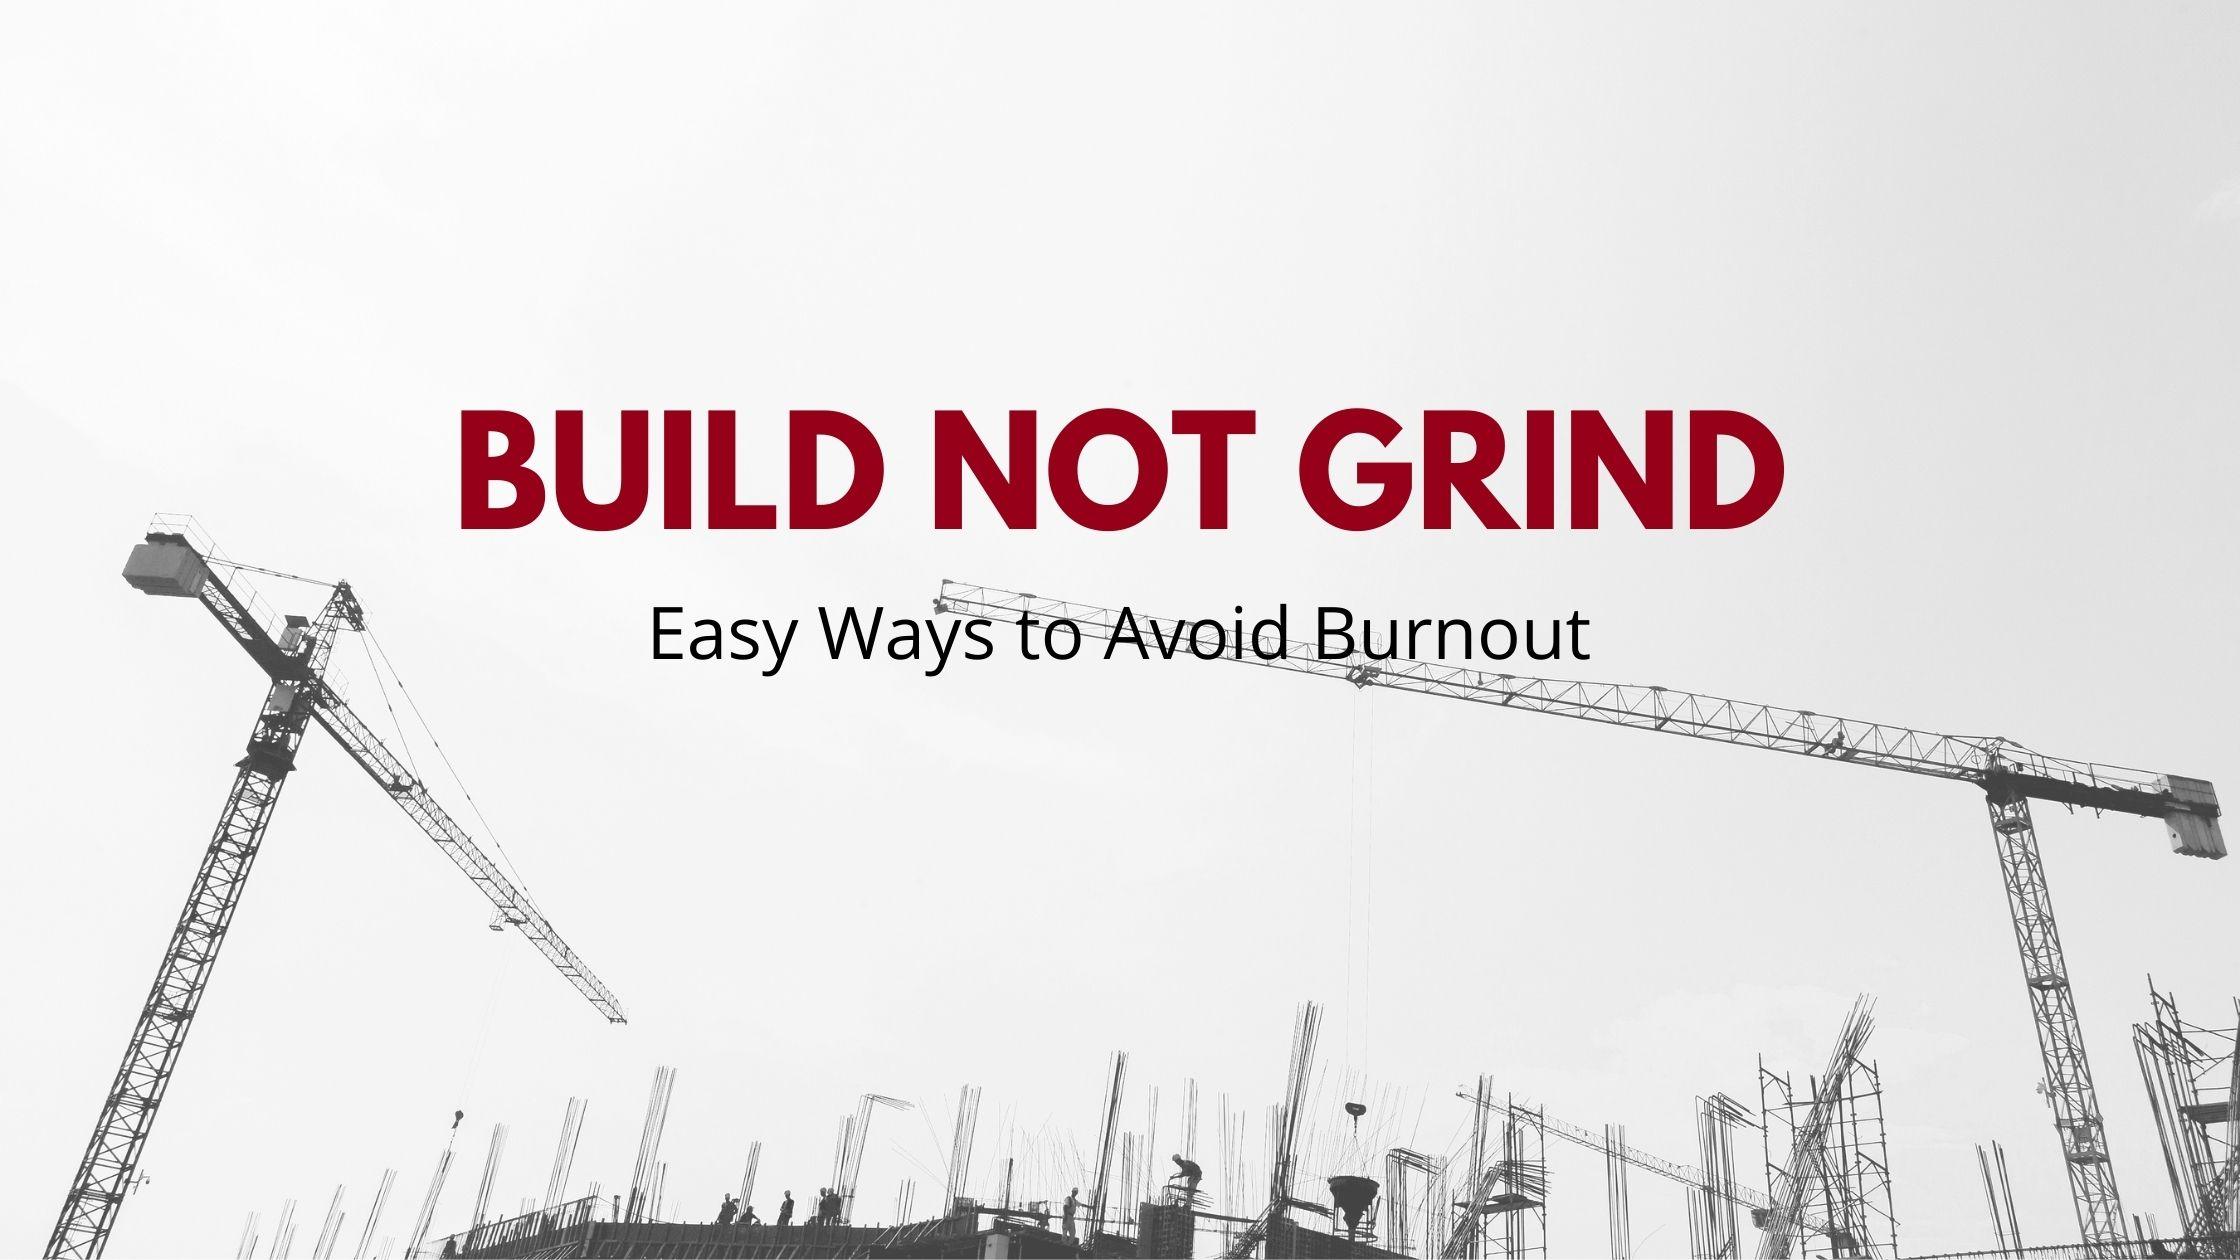 avoid burnout, stop saying grind, start saying build